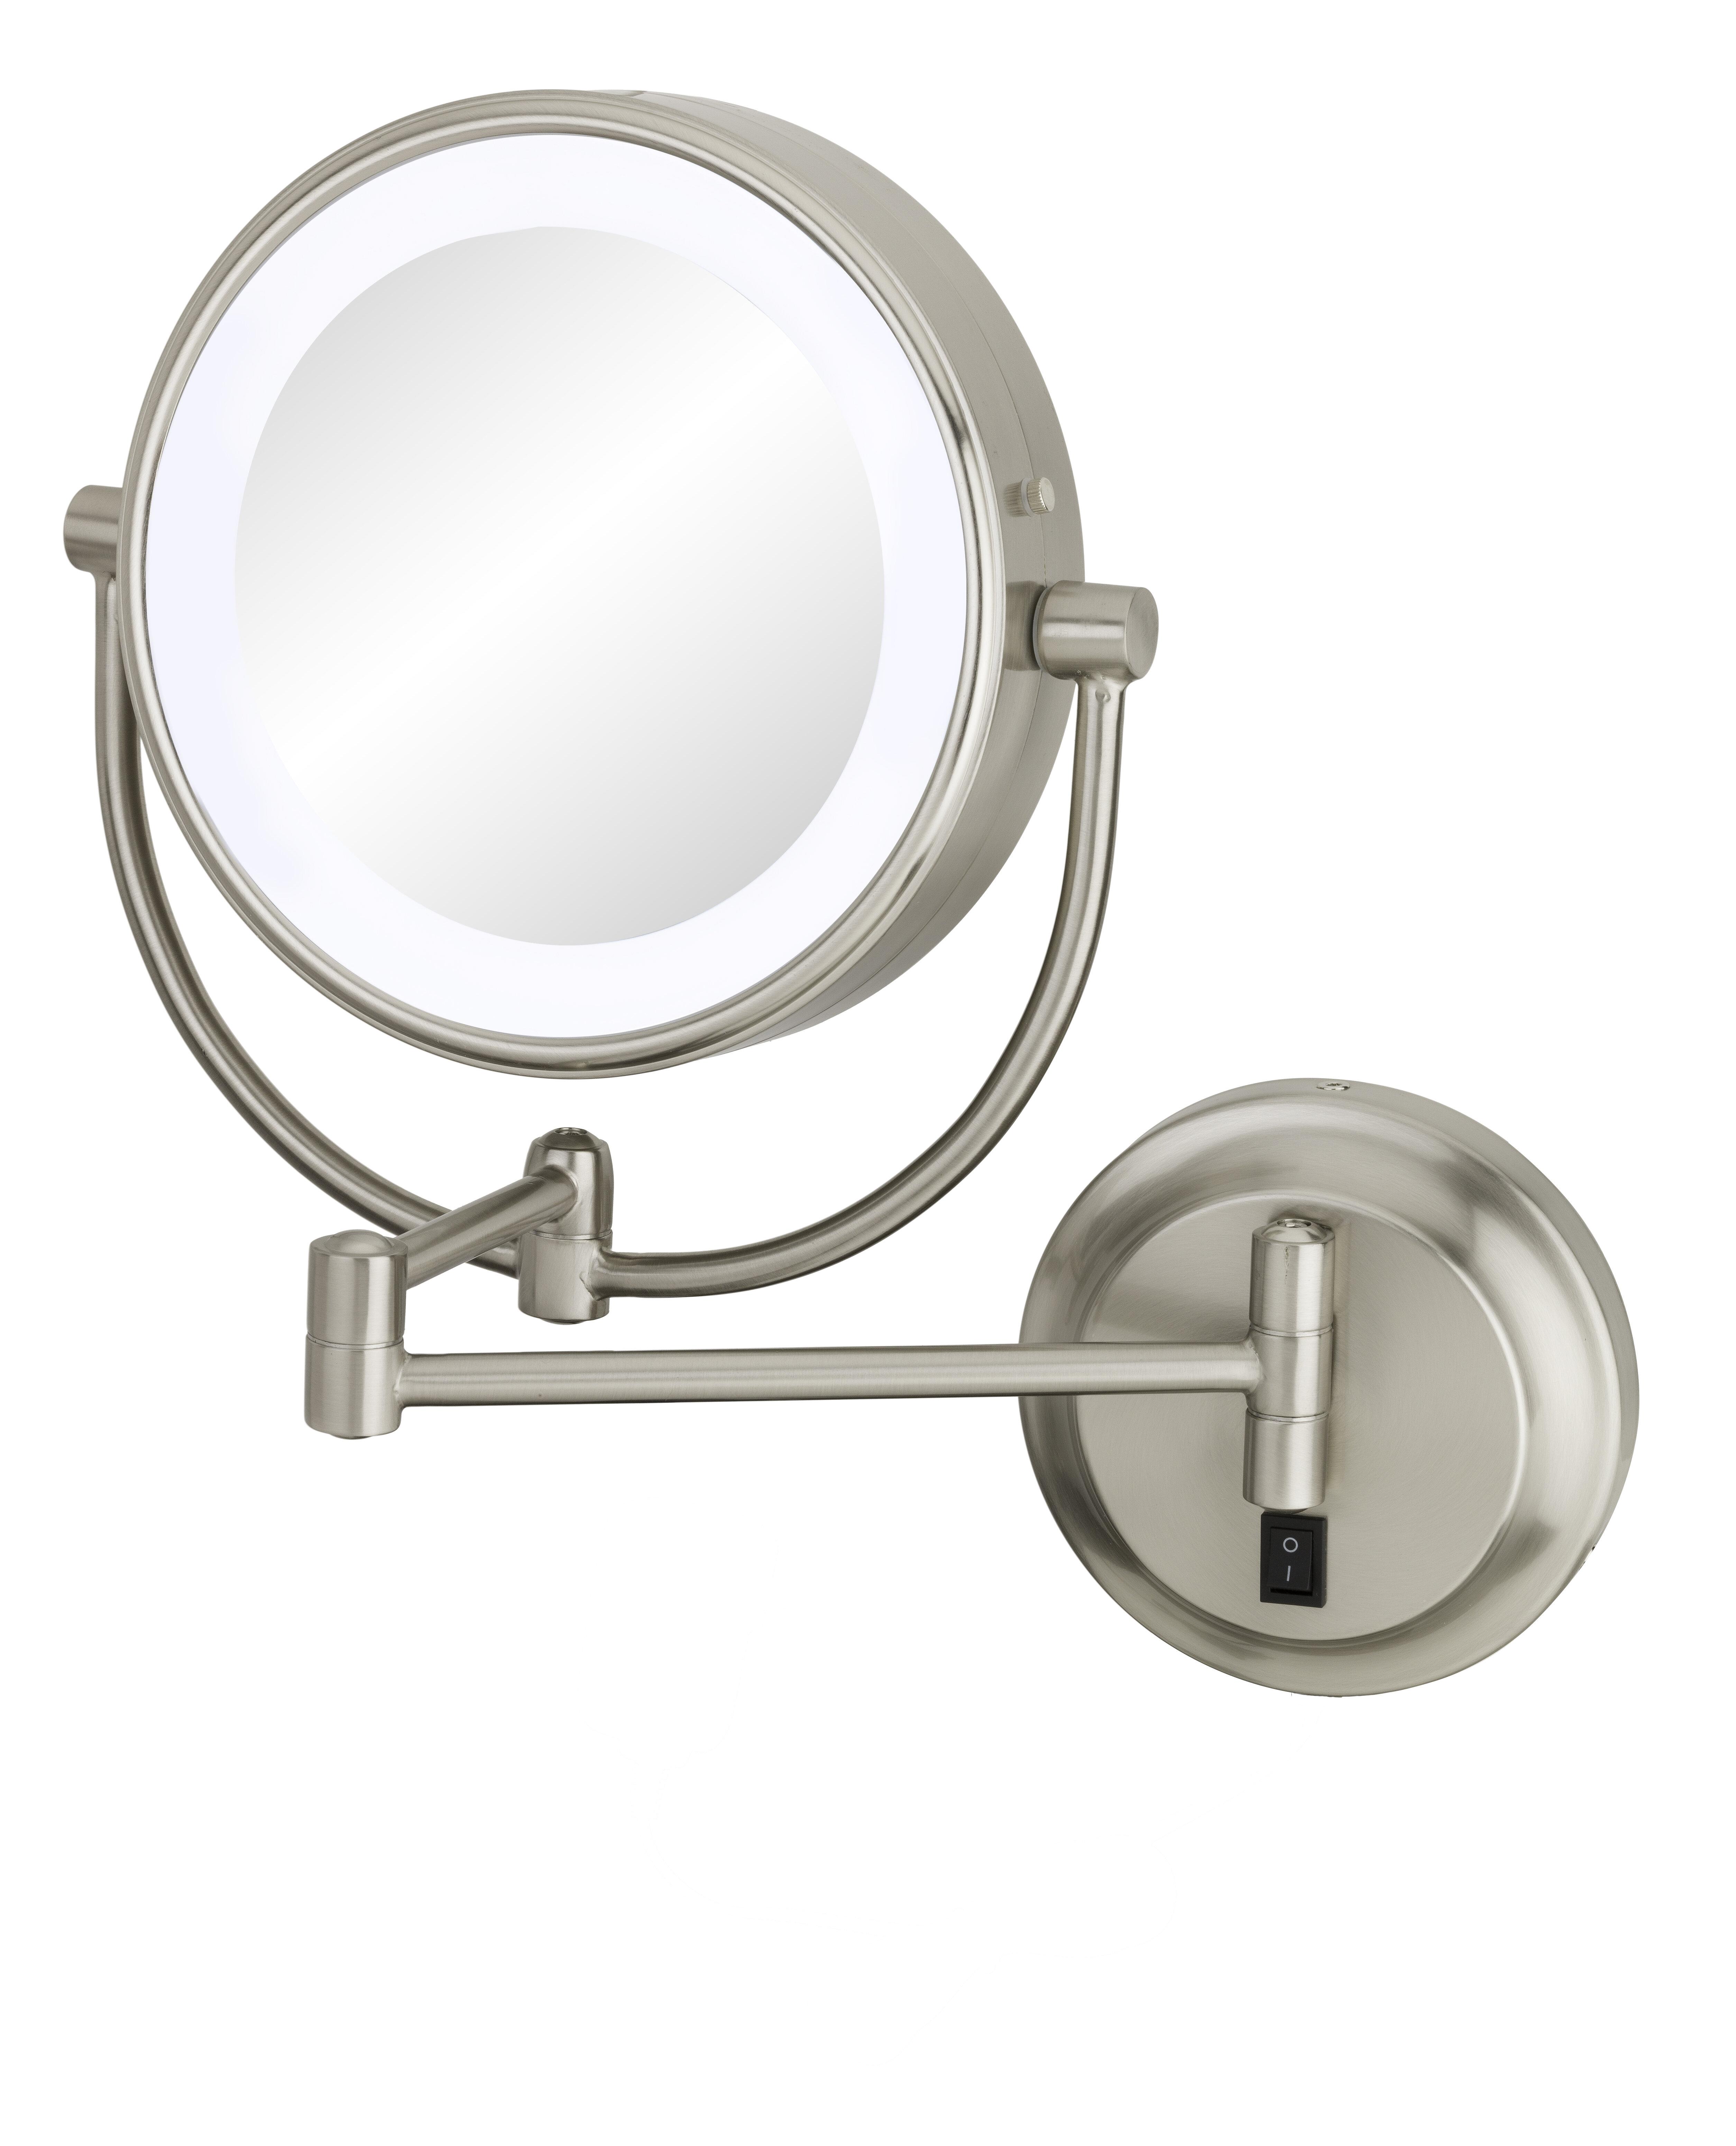 Kimball Young Neo Lighted Magnifying Makeup Mirror Reviews Wayfair